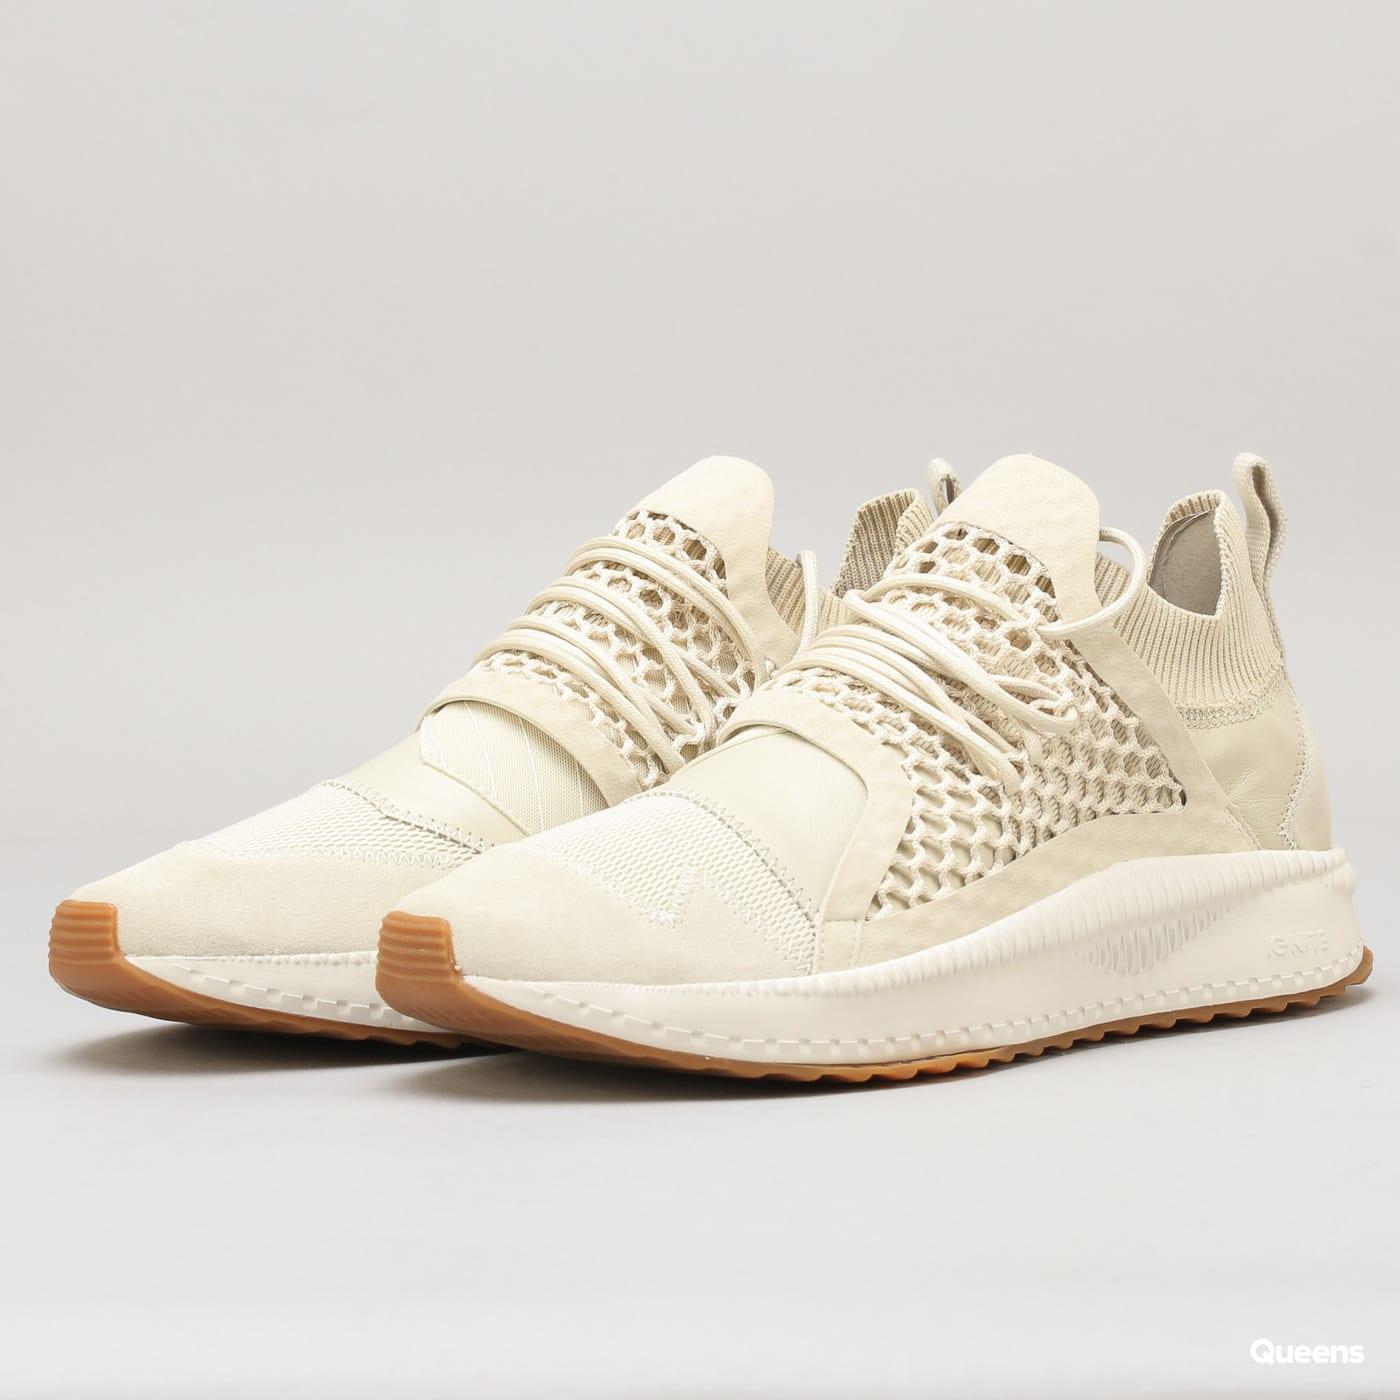 493ec084853091 Sneakers Puma Tsugi Netfit Han (365887 01)– Queens 💚